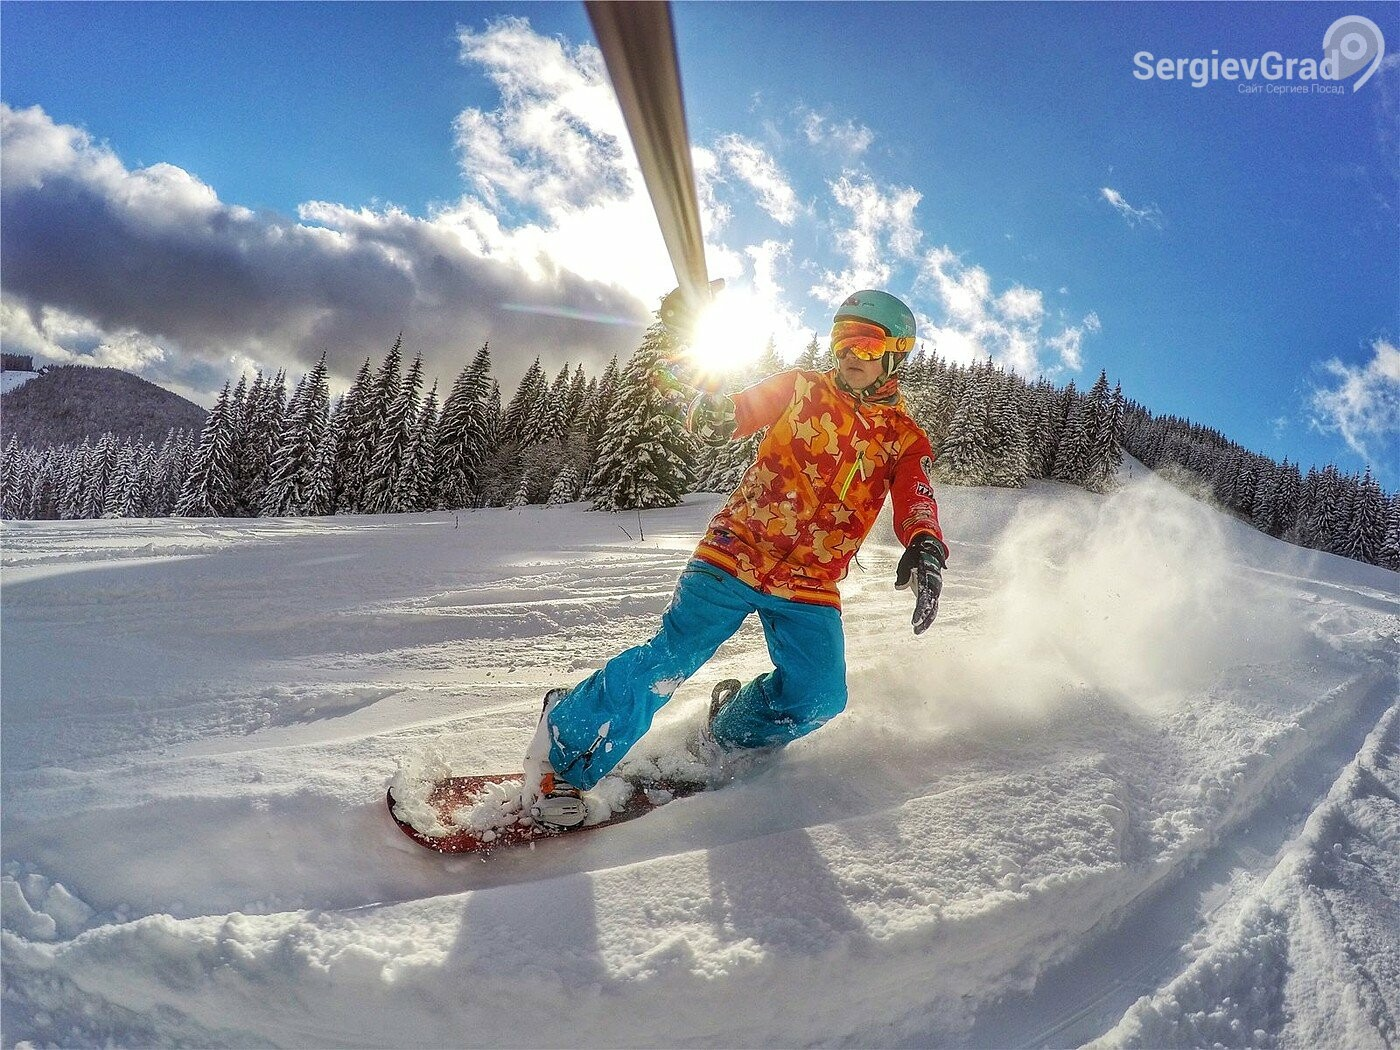 Топ 5 курортов Московской области для катания на сноуборде